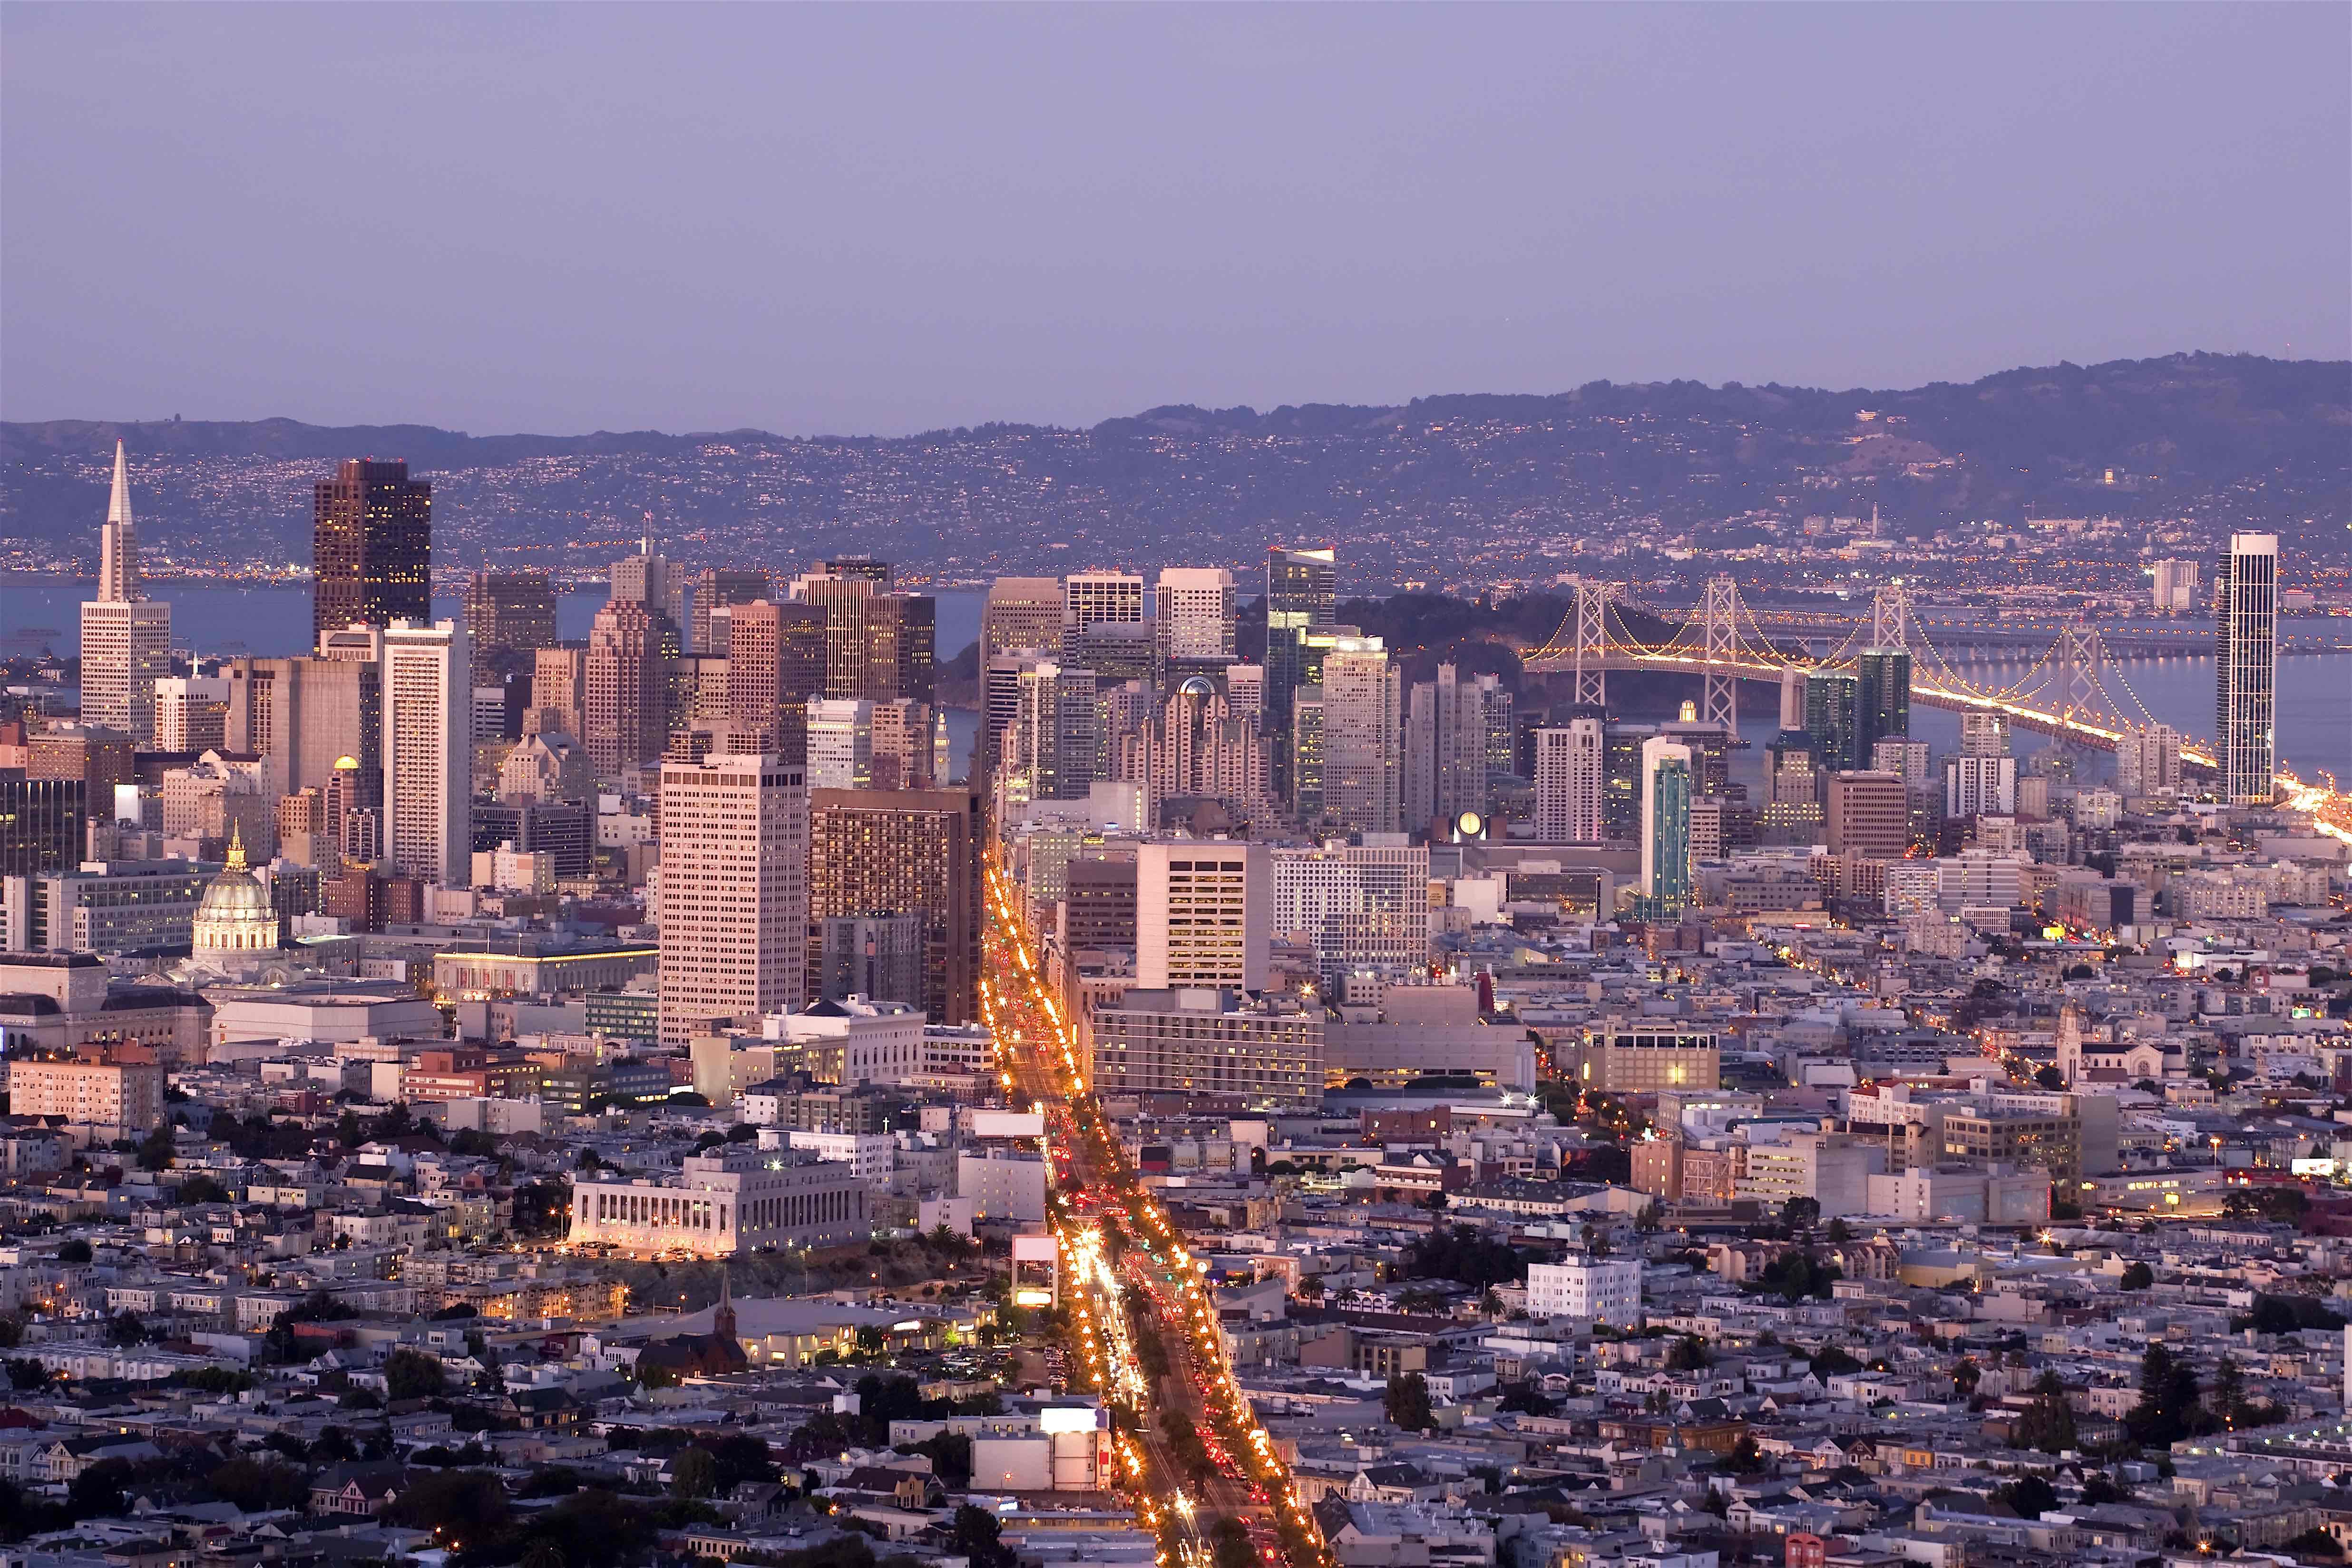 2.) Oakland, CA